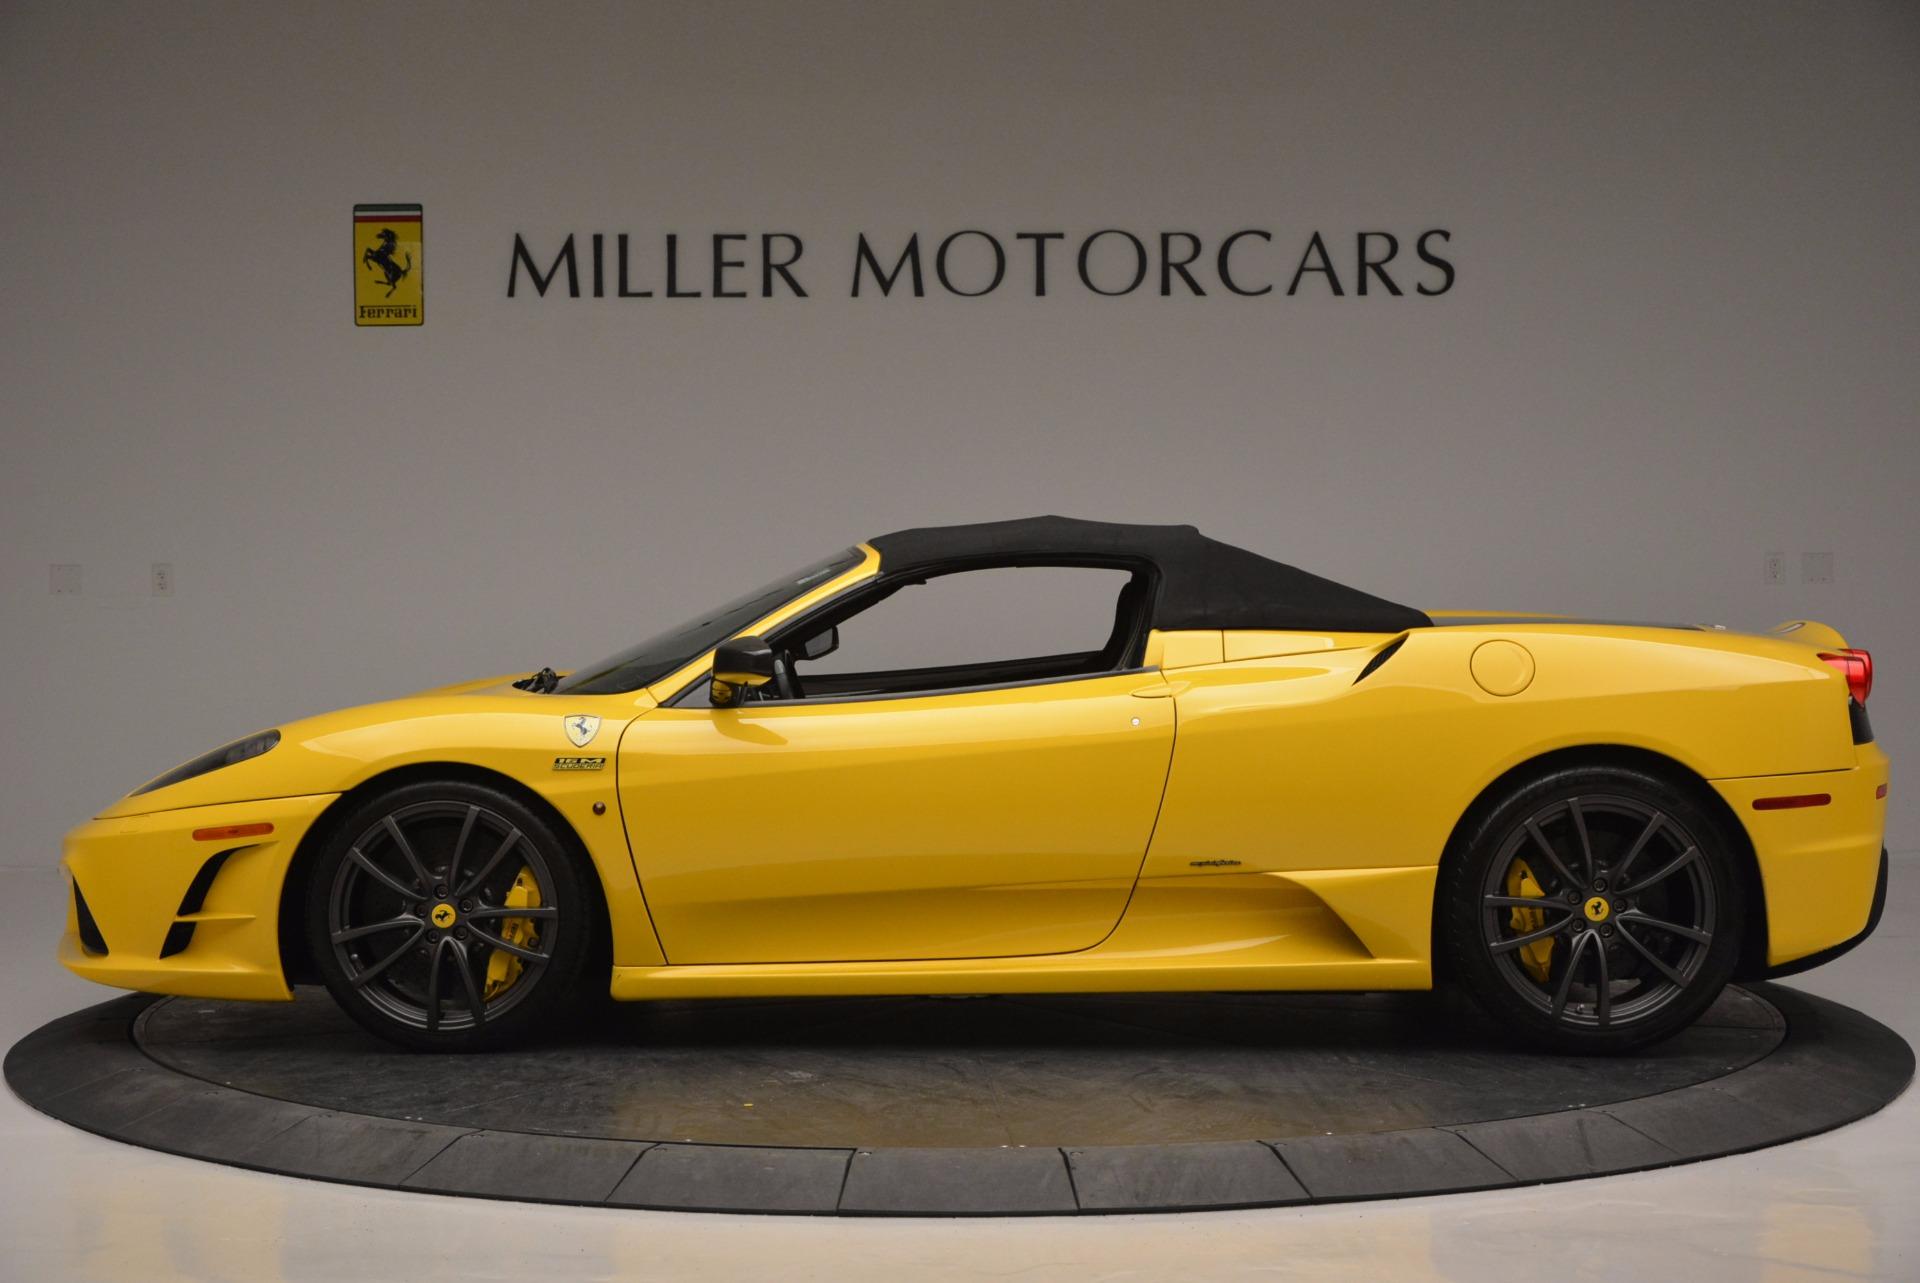 Used 2009 Ferrari F430 Scuderia 16M For Sale In Greenwich, CT. Alfa Romeo of Greenwich, 4369 856_p15